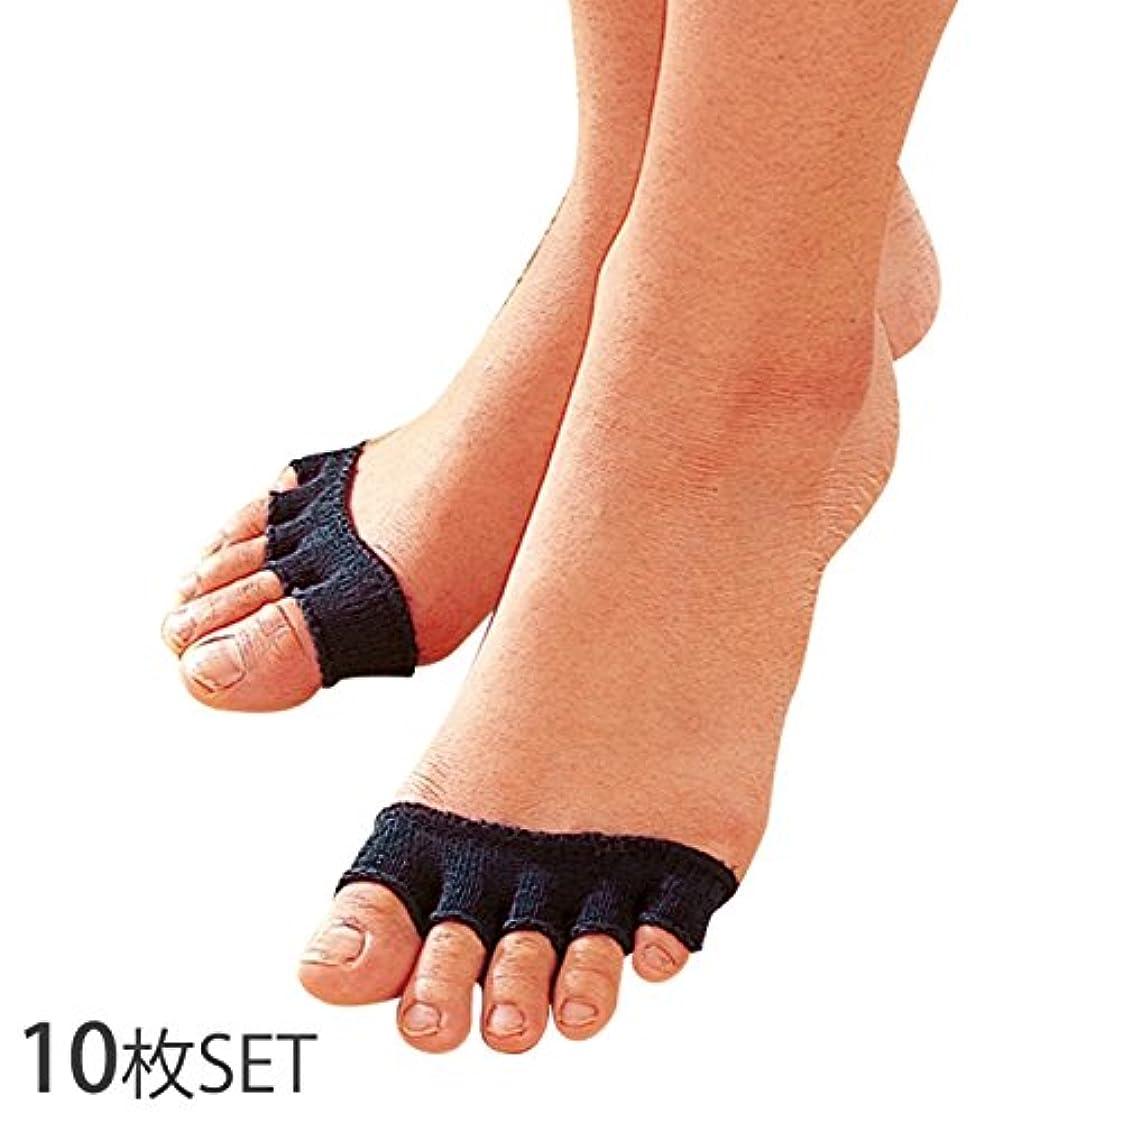 大陸パフ抜け目がない足指カバー 5本指 男女兼用 指先なし 5本指靴下 抗菌防臭加工 消臭 ひのき指の間カバー 10枚セット 紺